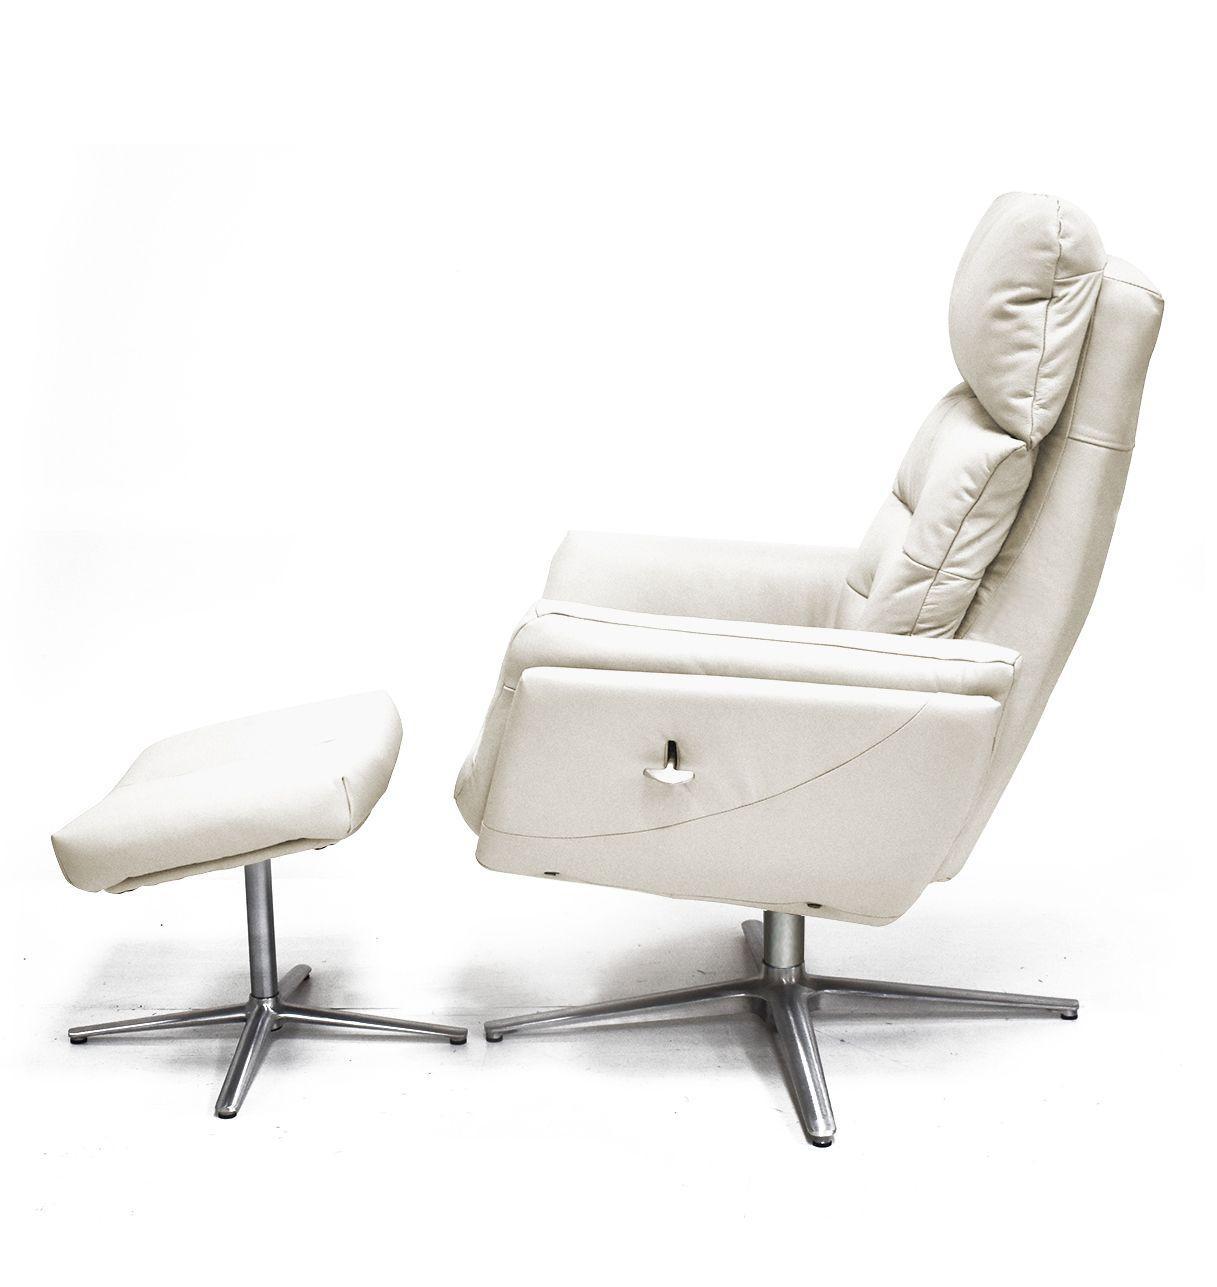 Sillón relax de cuero con otomana - base de estrella de aluminio - IZAR Sillones Relax